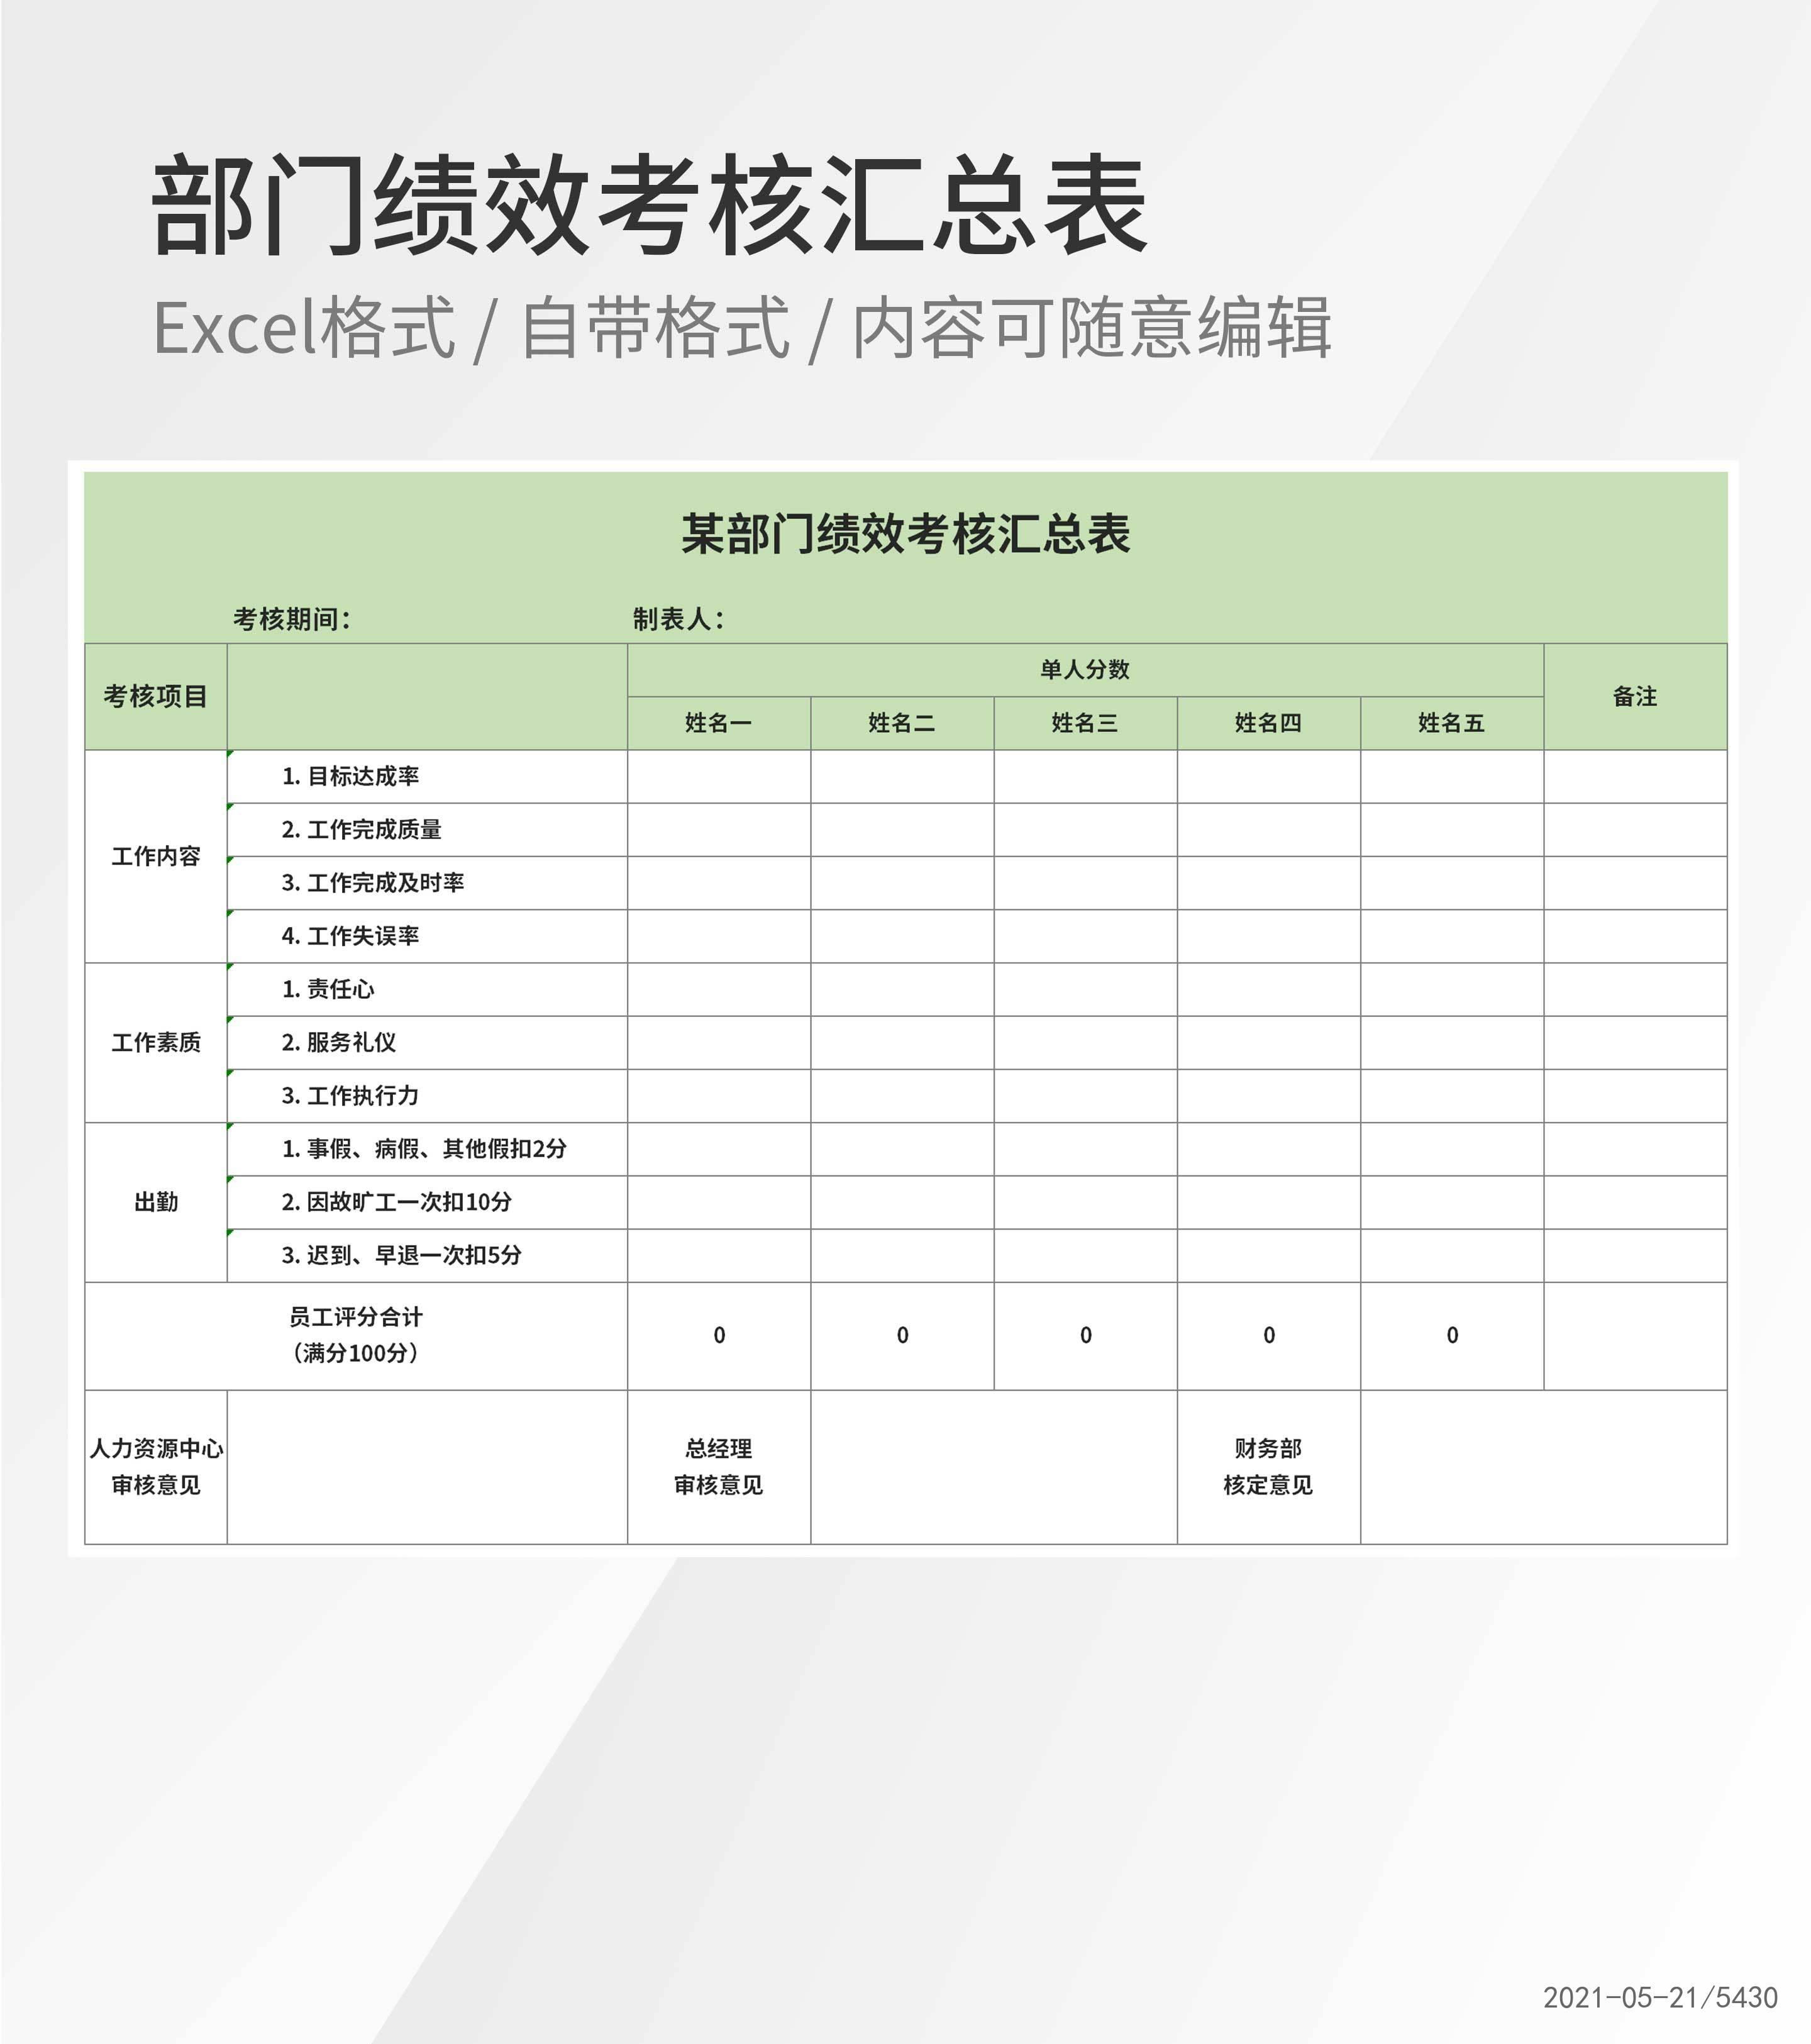 部门绩效考核成绩汇总表Excel模板